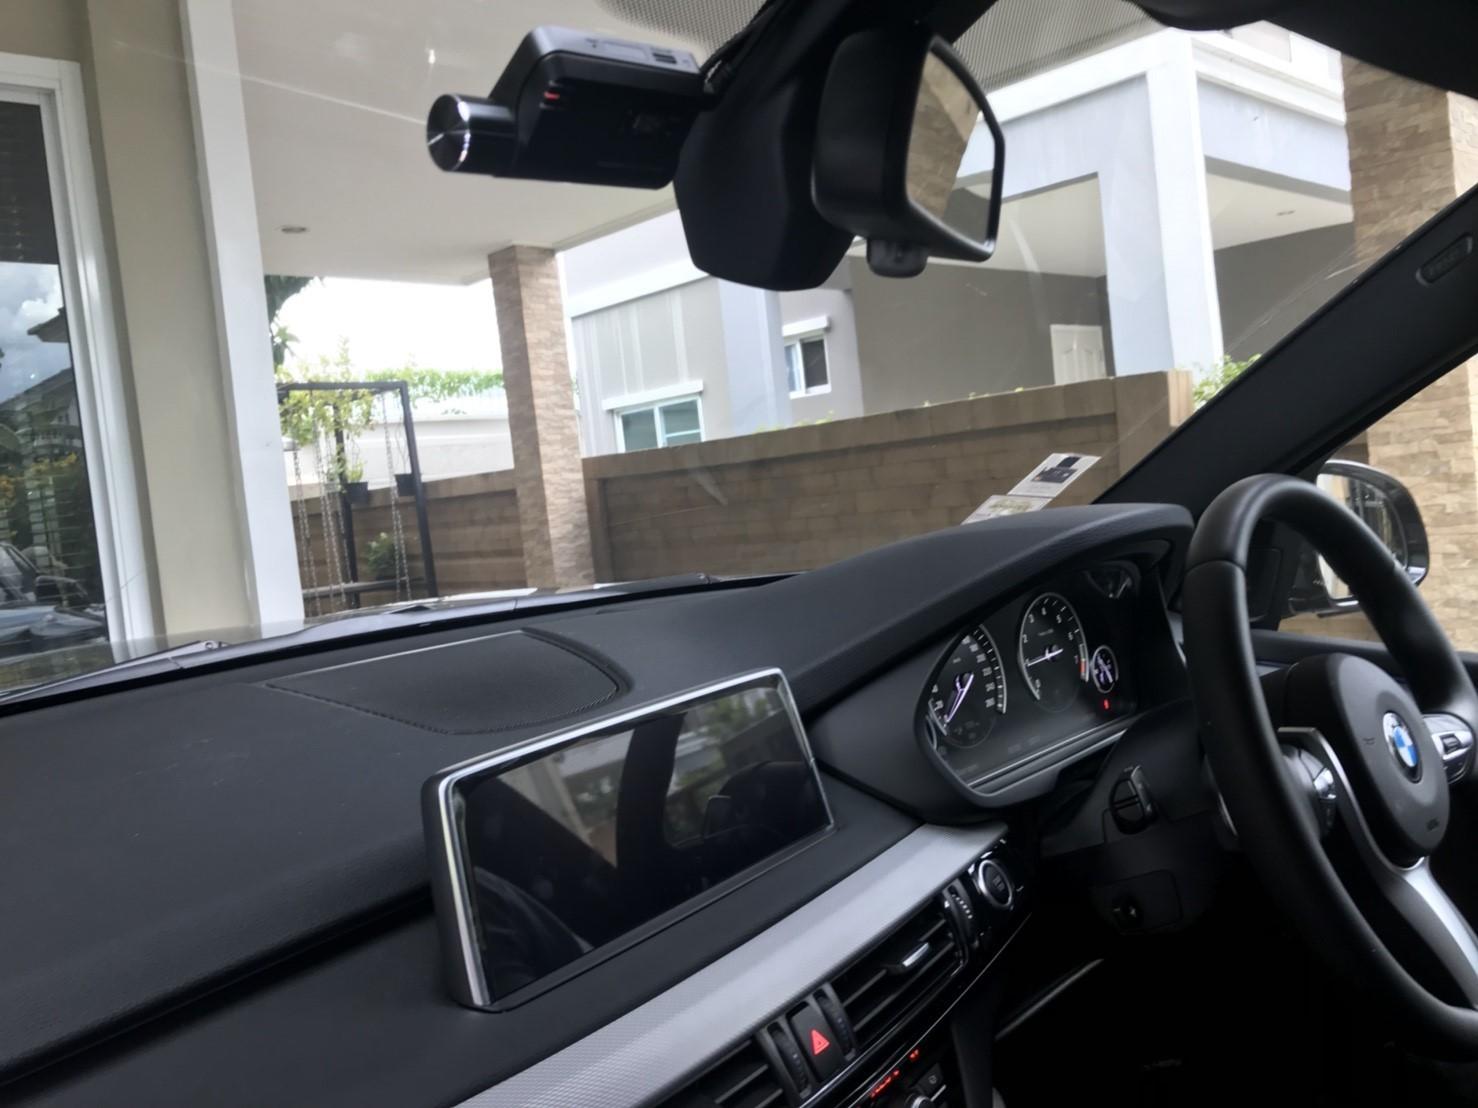 20180703 กล้องติดรถยนต์ Thinkware_F800_Pro_front,กล้องบันทึกเหตุการณ์ ,กล้องบันทึก, กล้องติดหน้ารถ, กล้องวีดีโอ,DVR, Driving Video recorder, thinkware,